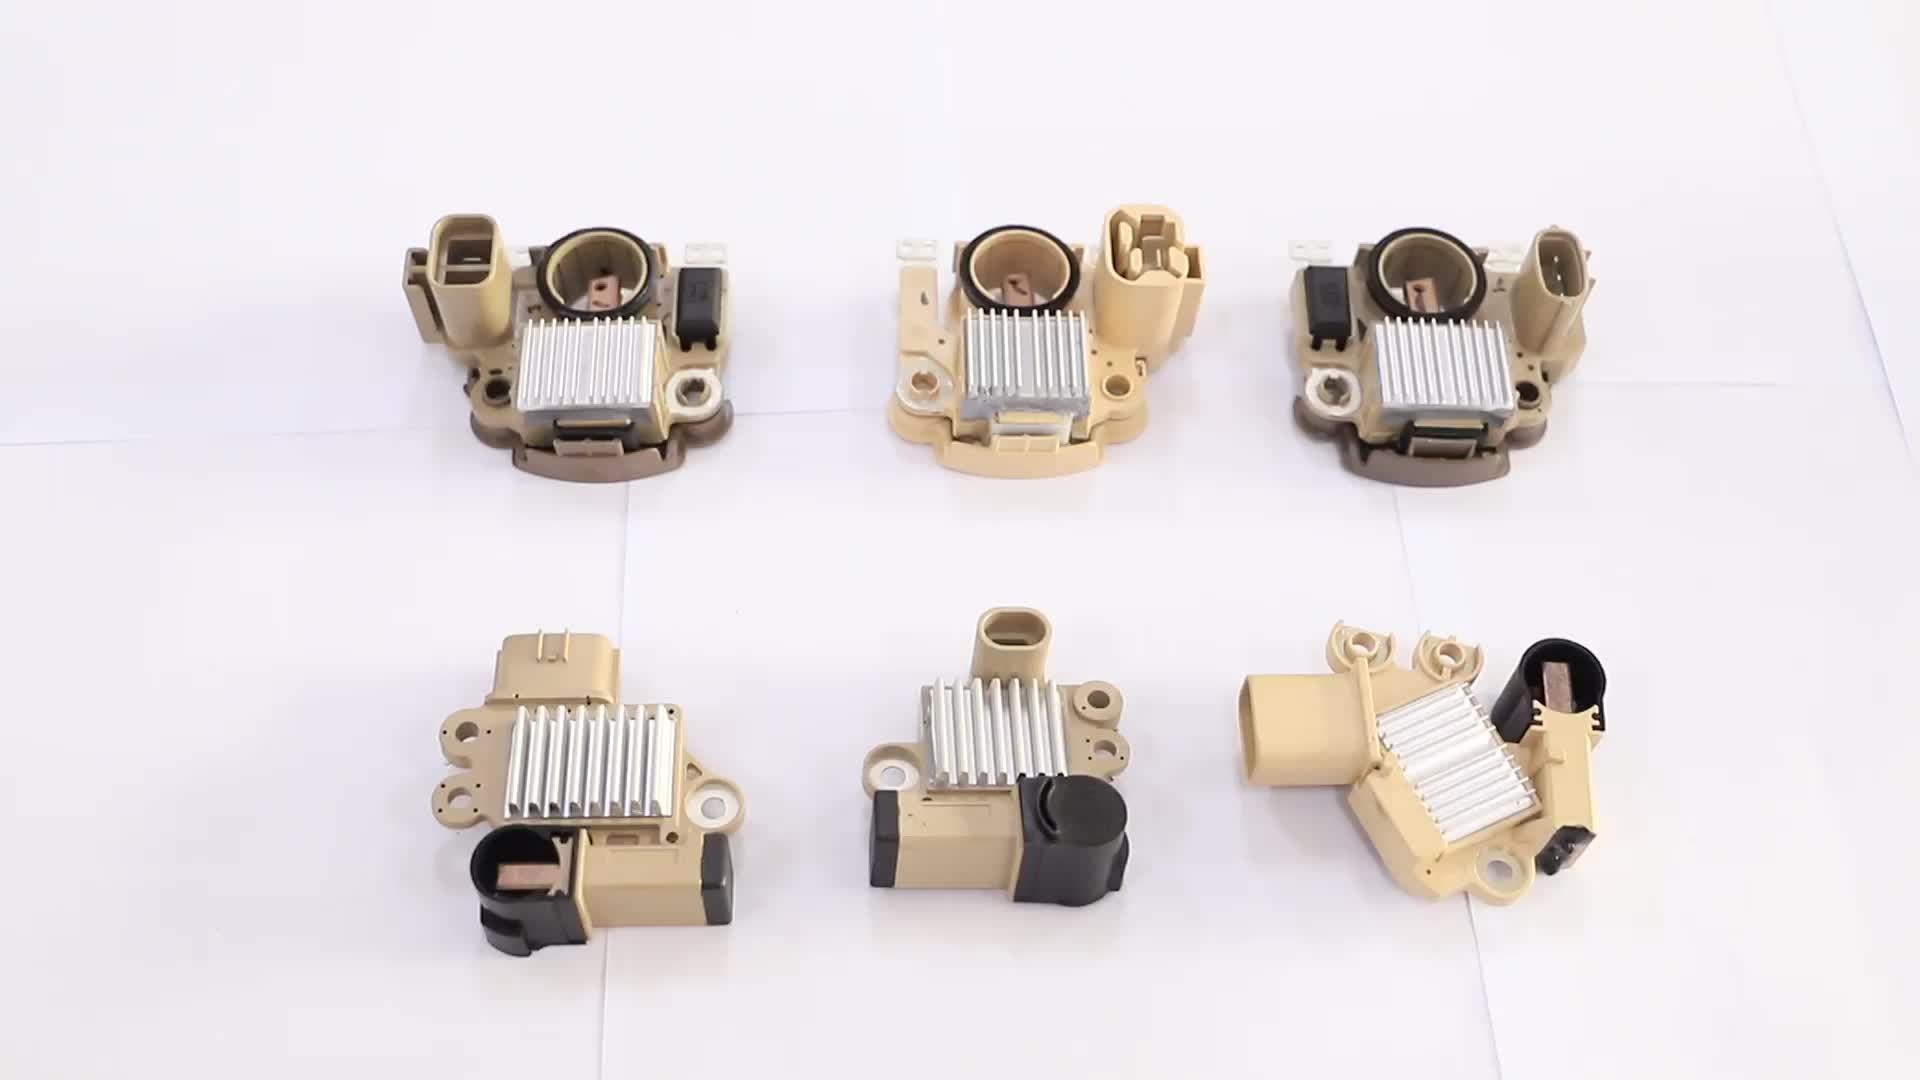 Лучшая цена Лидер продаж регулятор генератора бренд Junmat модель JFZ1929C с высоким качеством